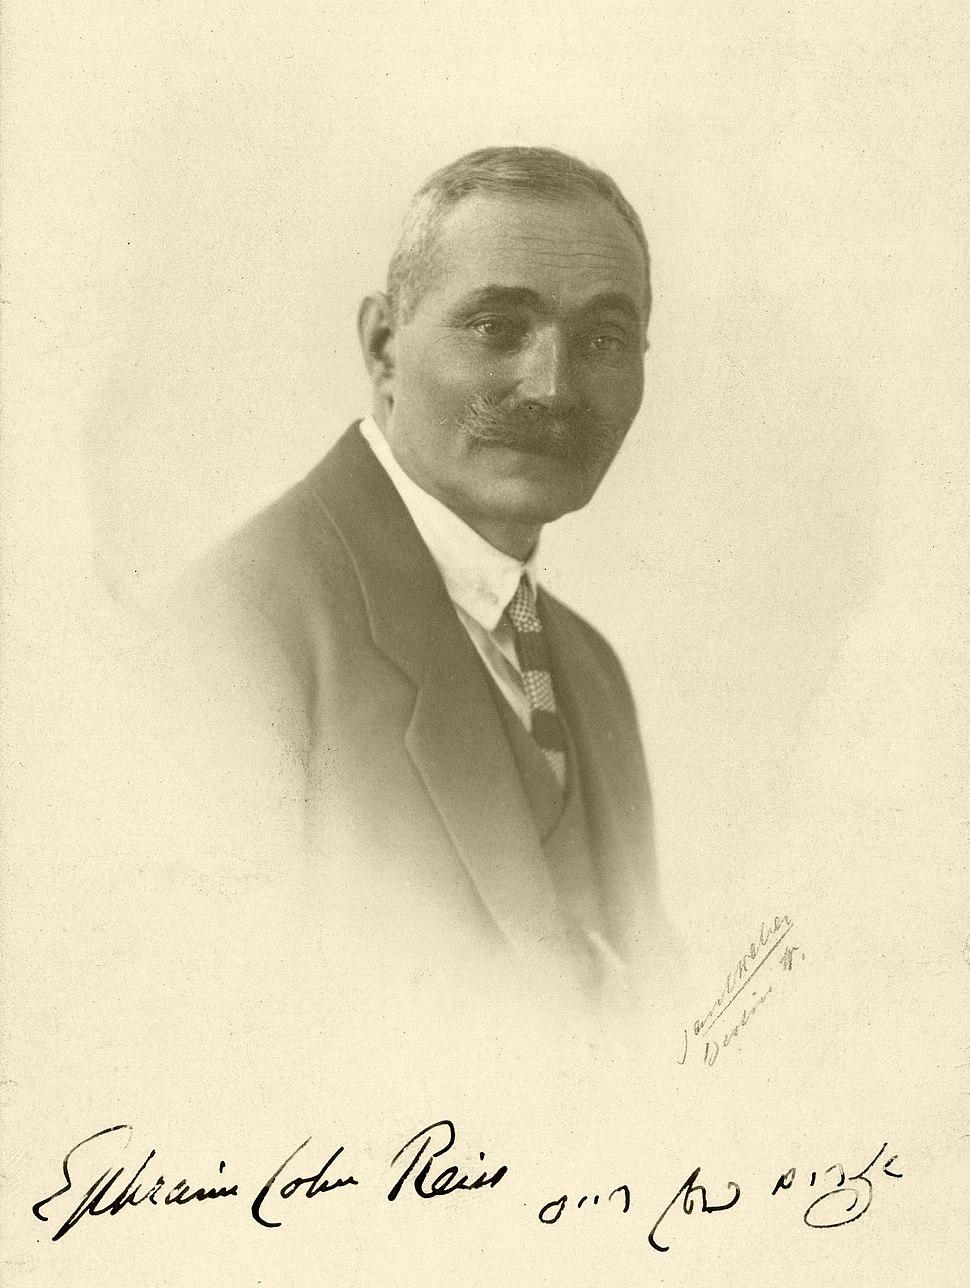 Ephraim Cohn-Reiss